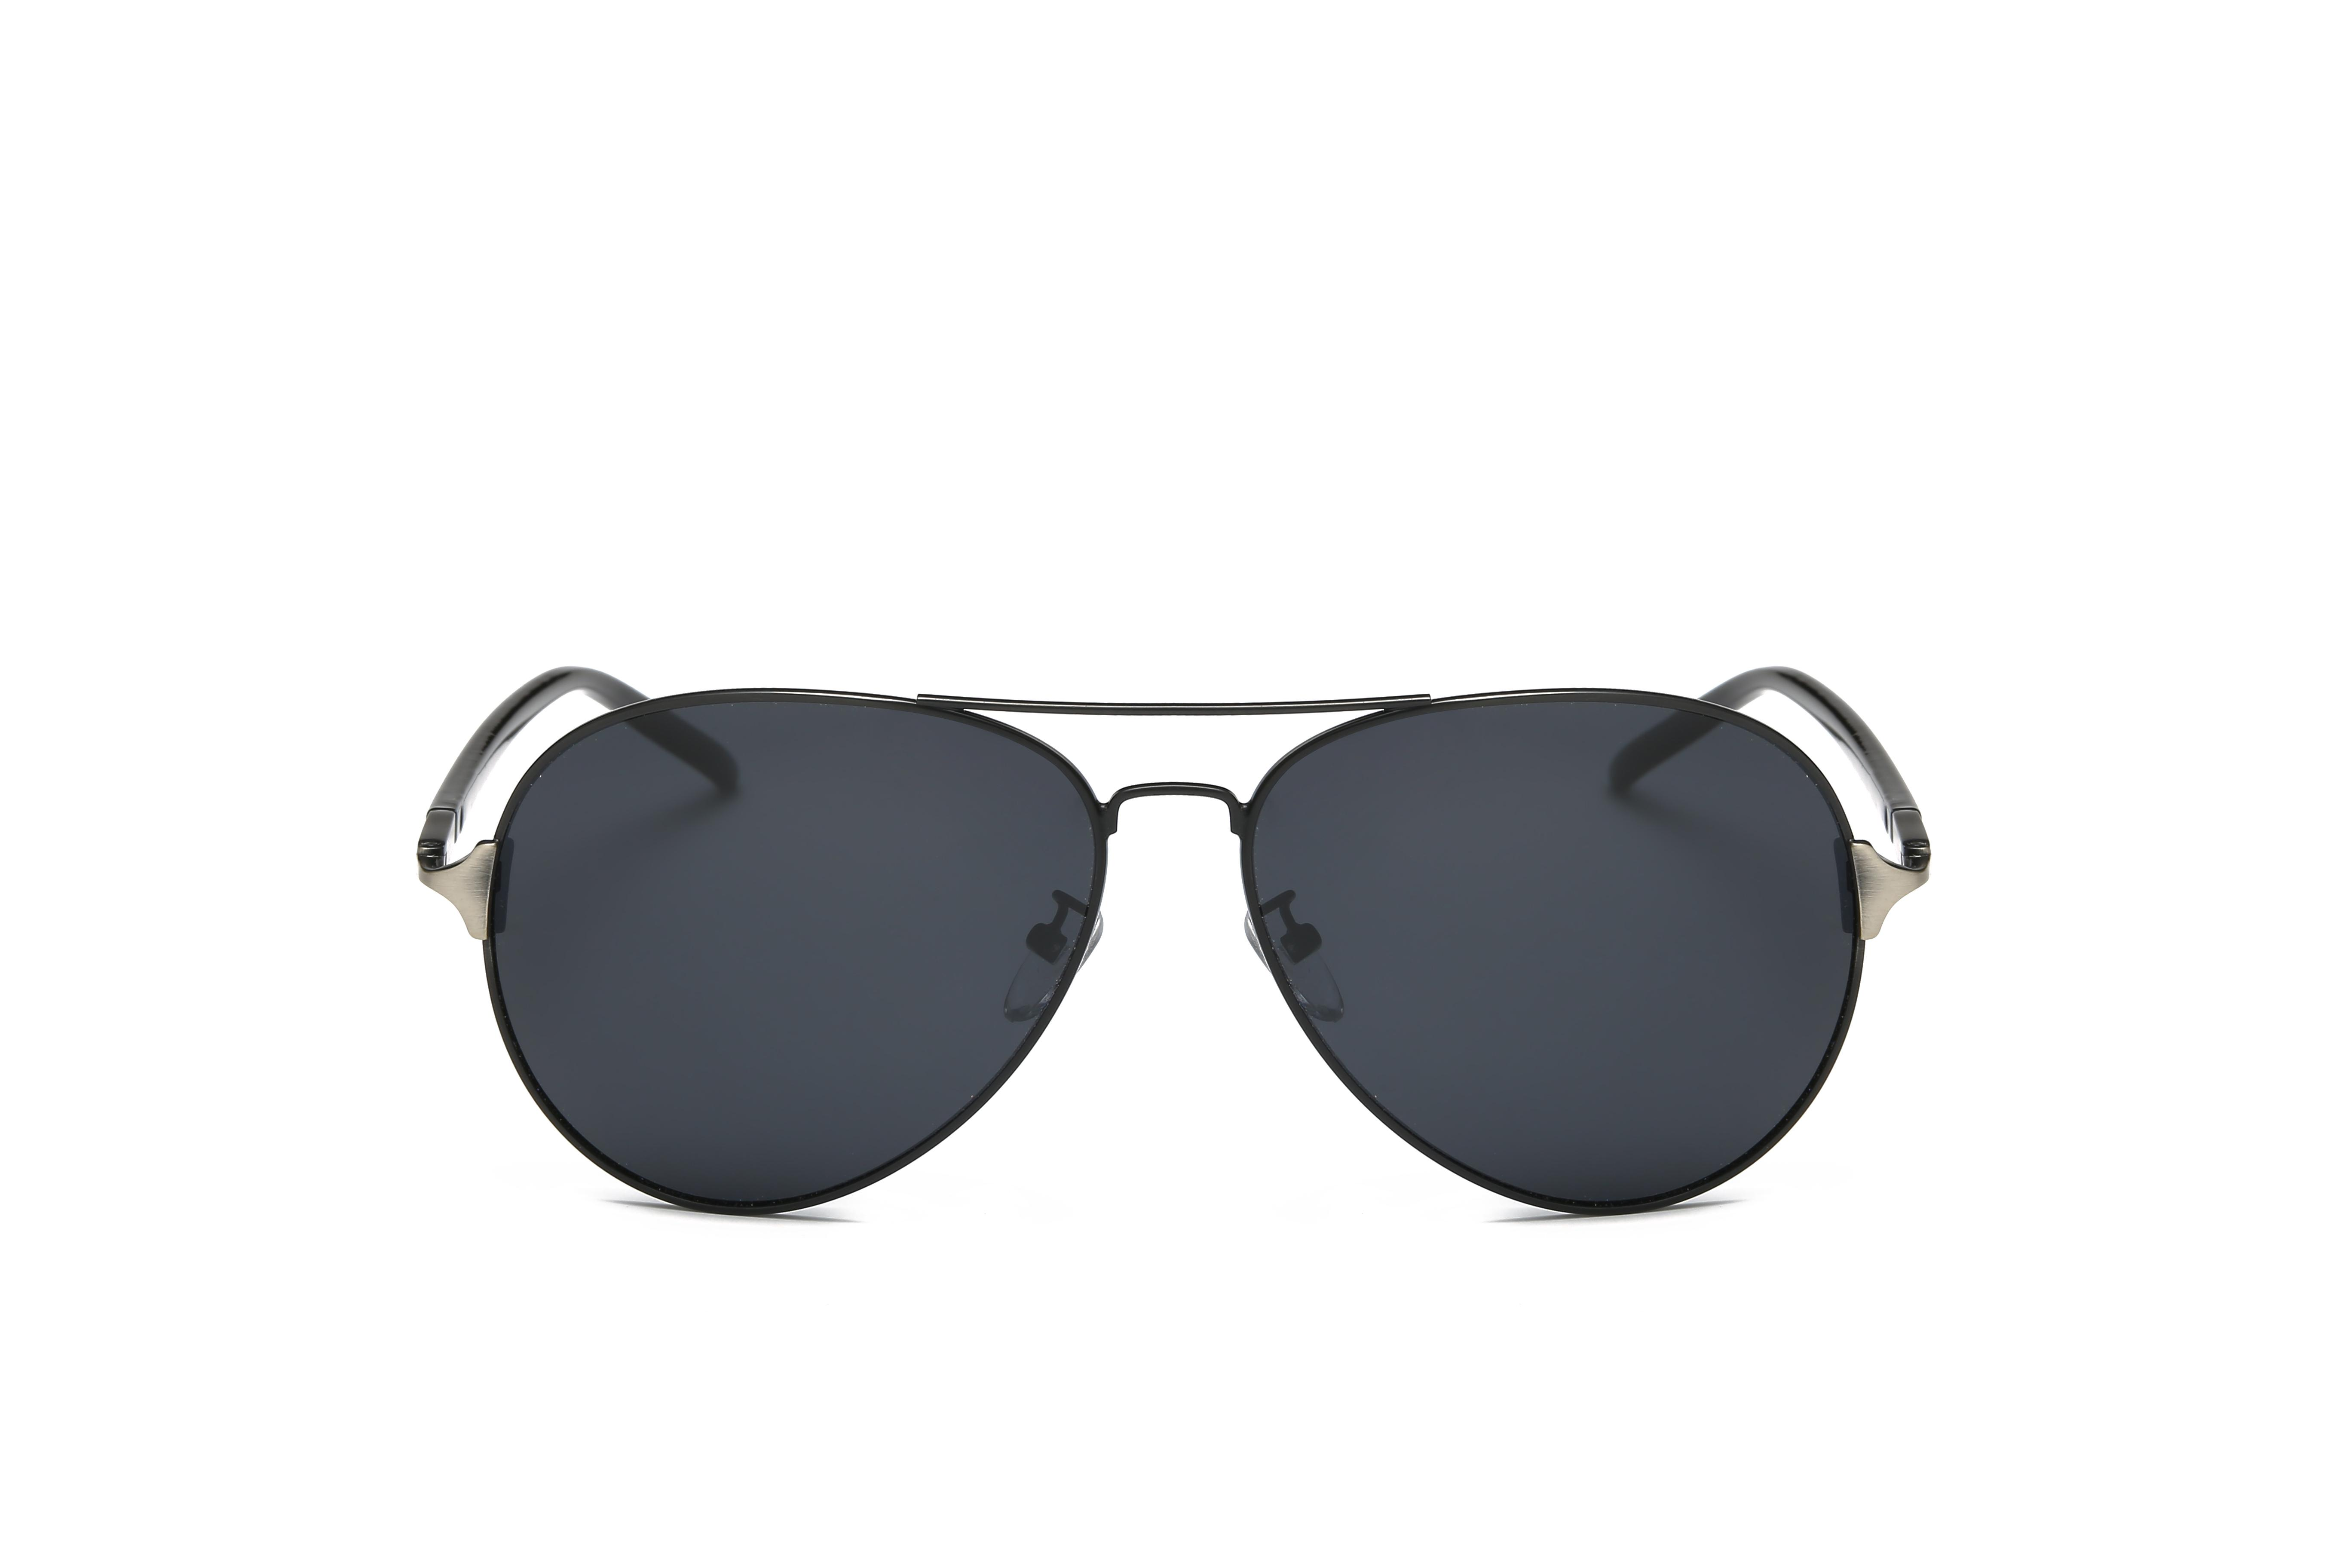 9bda940607 Compre Gafas De Sol Polarizadas Gafas De Sapo Polarizadas, Color Genuino  Para Hombres Y Mujeres En La Primera Elección De 2019 Summer A $13.7 Del  Kidotey ...